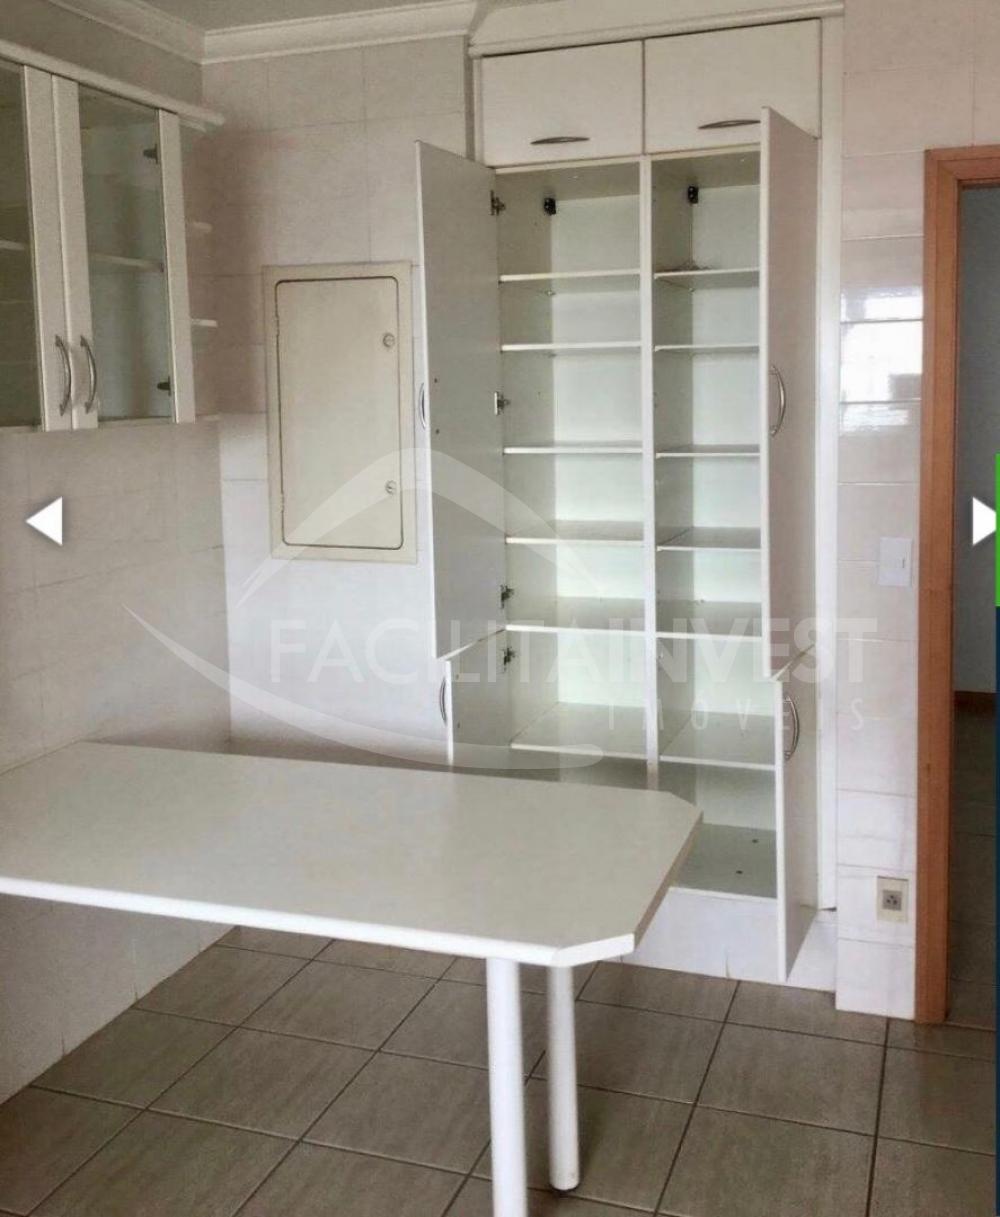 Alugar Apartamentos / Apart. Padrão em Ribeirão Preto R$ 2.200,00 - Foto 3